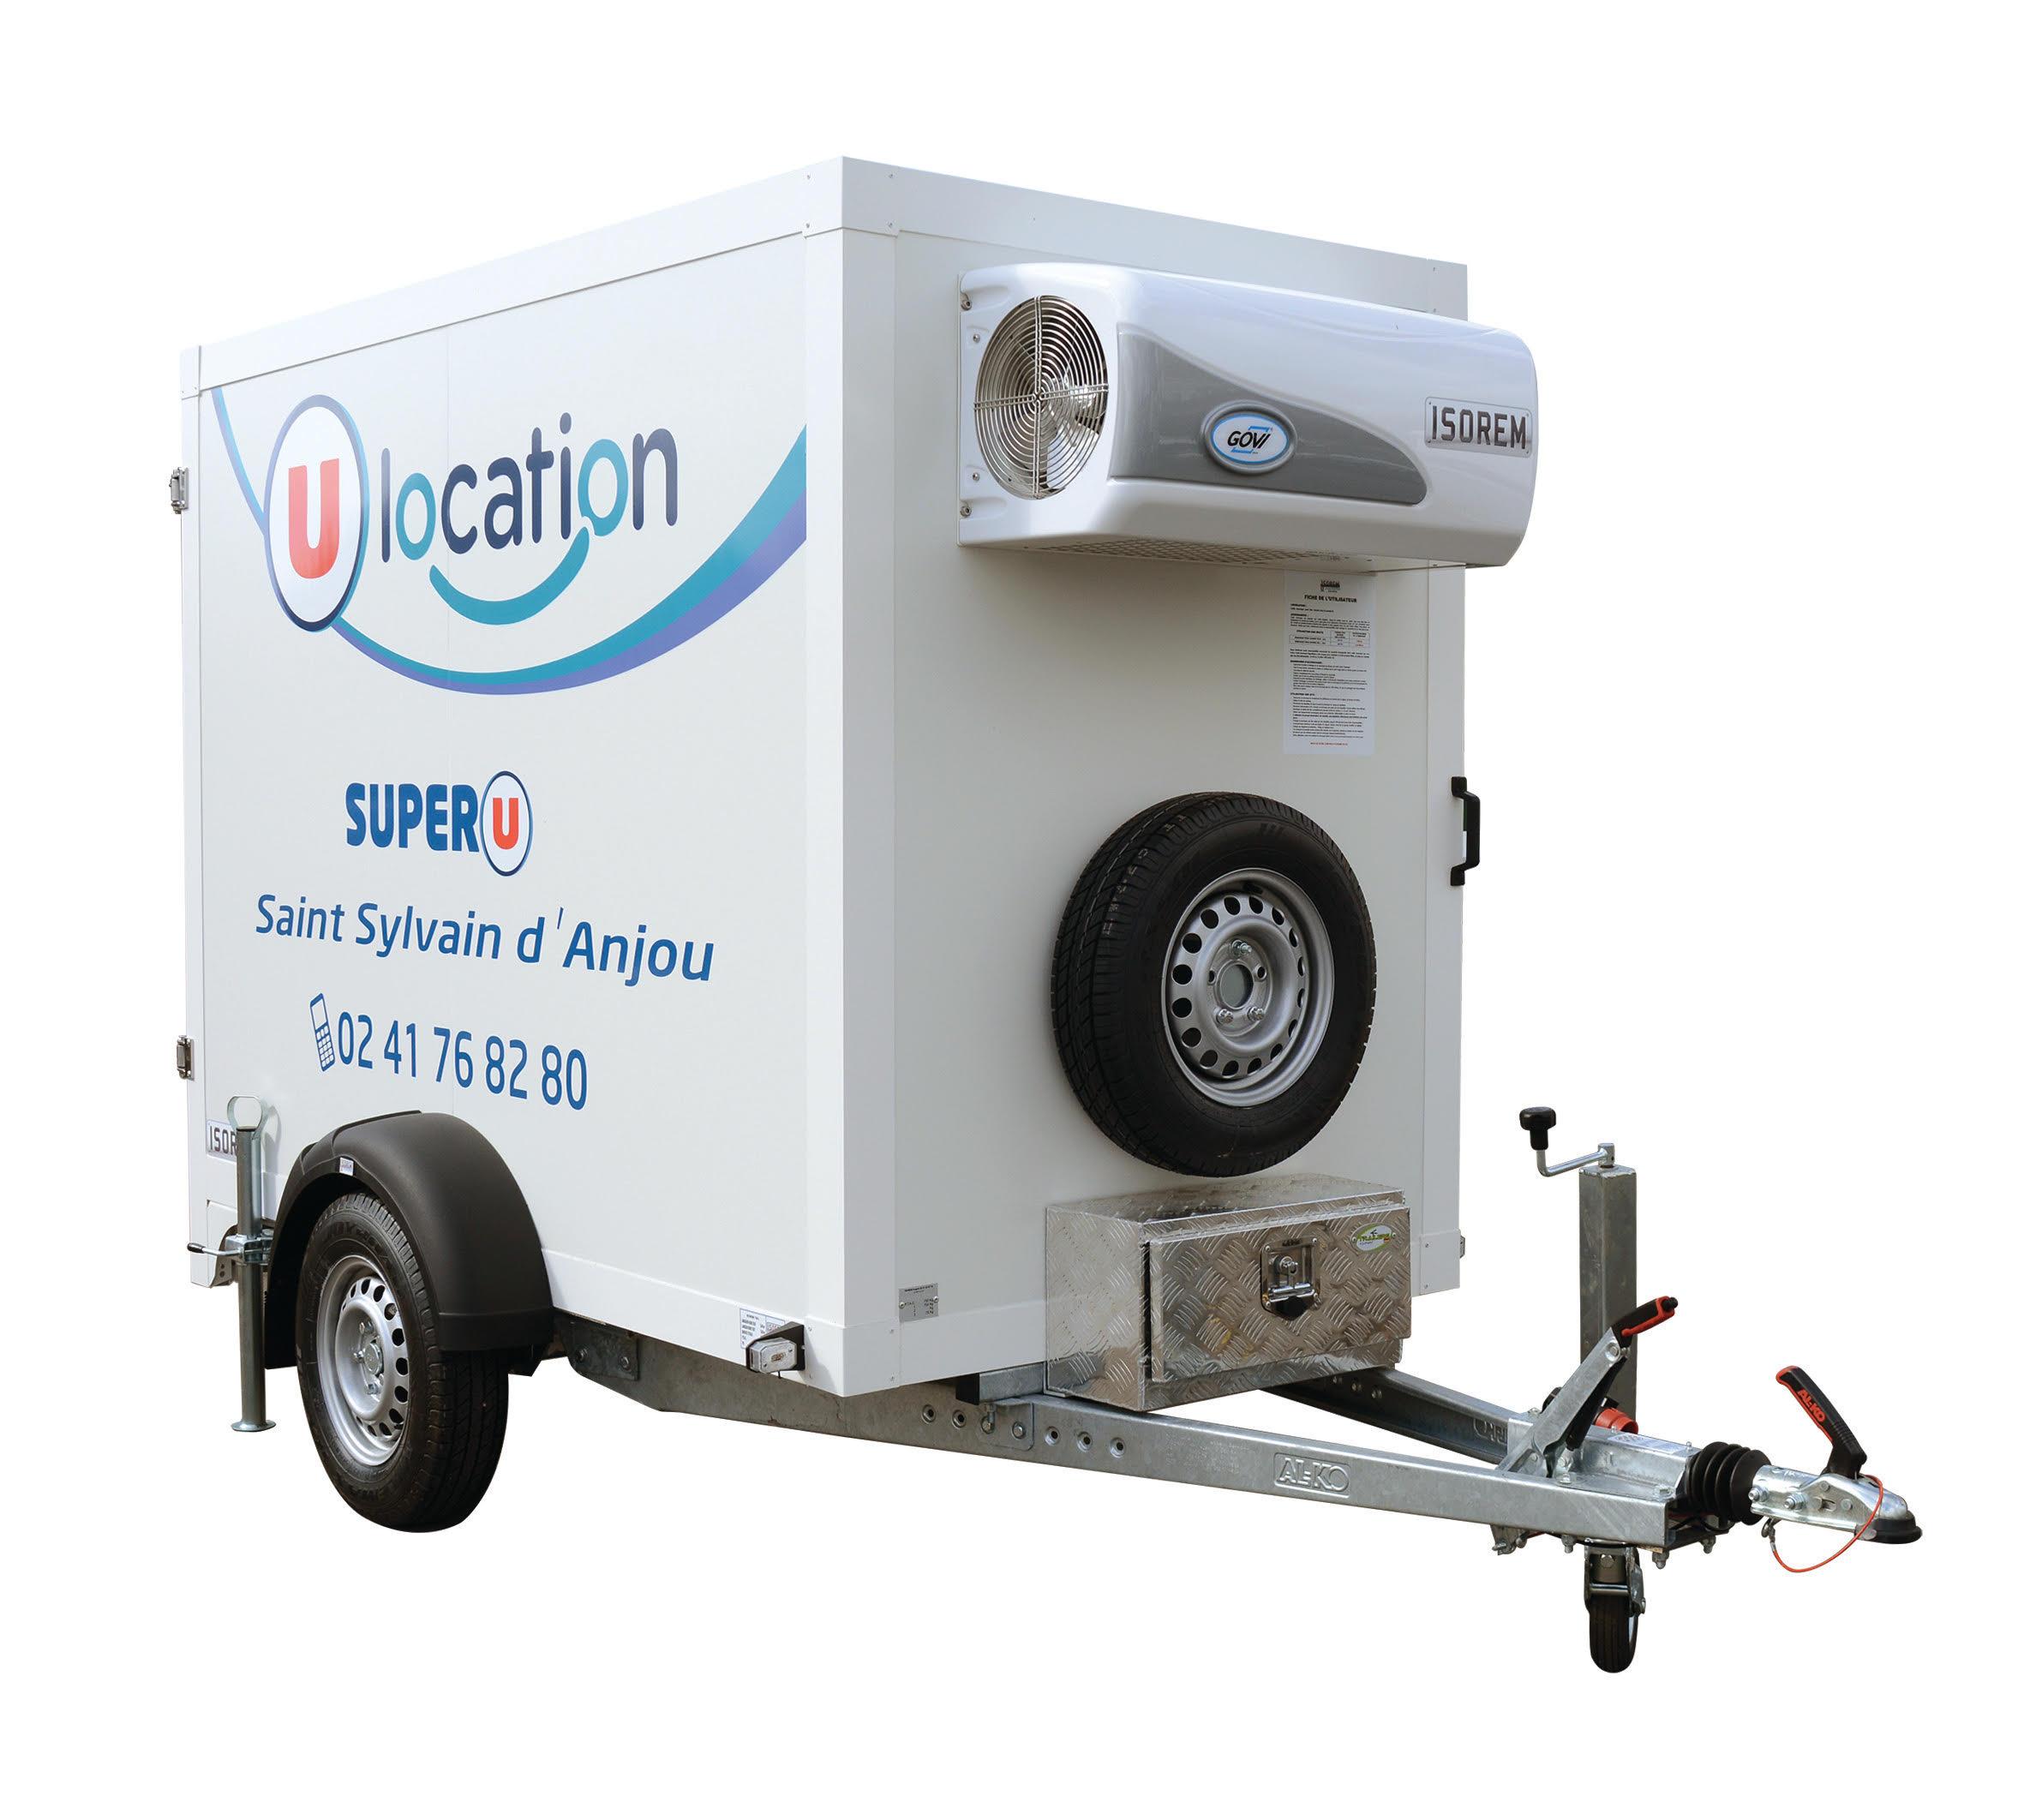 Location utilitaire Location u U Express GUERLESQUIN Remorque frigo. 2-3 m3 - ISOREM (ou équivalent)